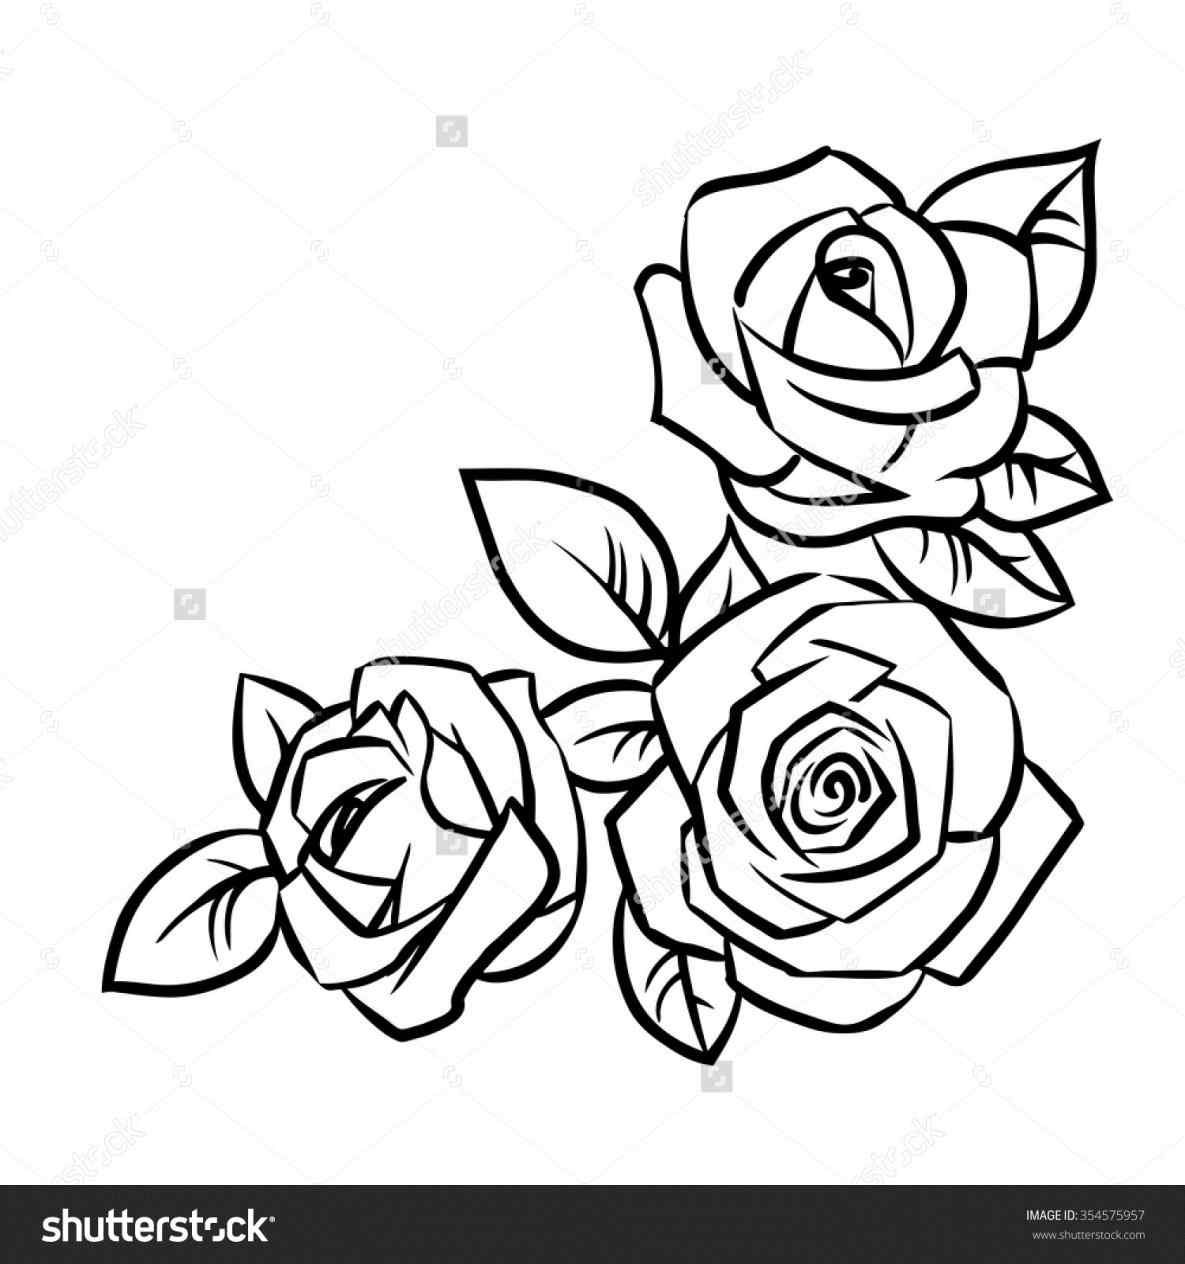 1185x1264 Rose Easy Tutorial Youtube Kidsu Flower C In Minutes Kidsu Easy